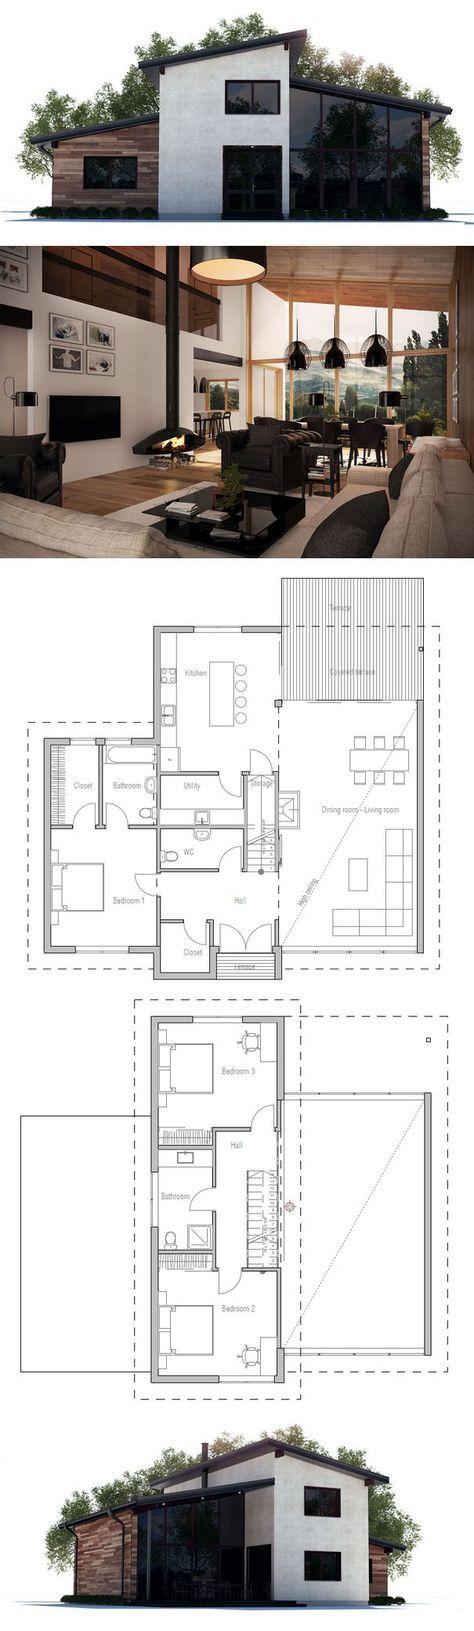 Die 25+ besten Ideen zu Plan Maison 3d auf Pinterest ...